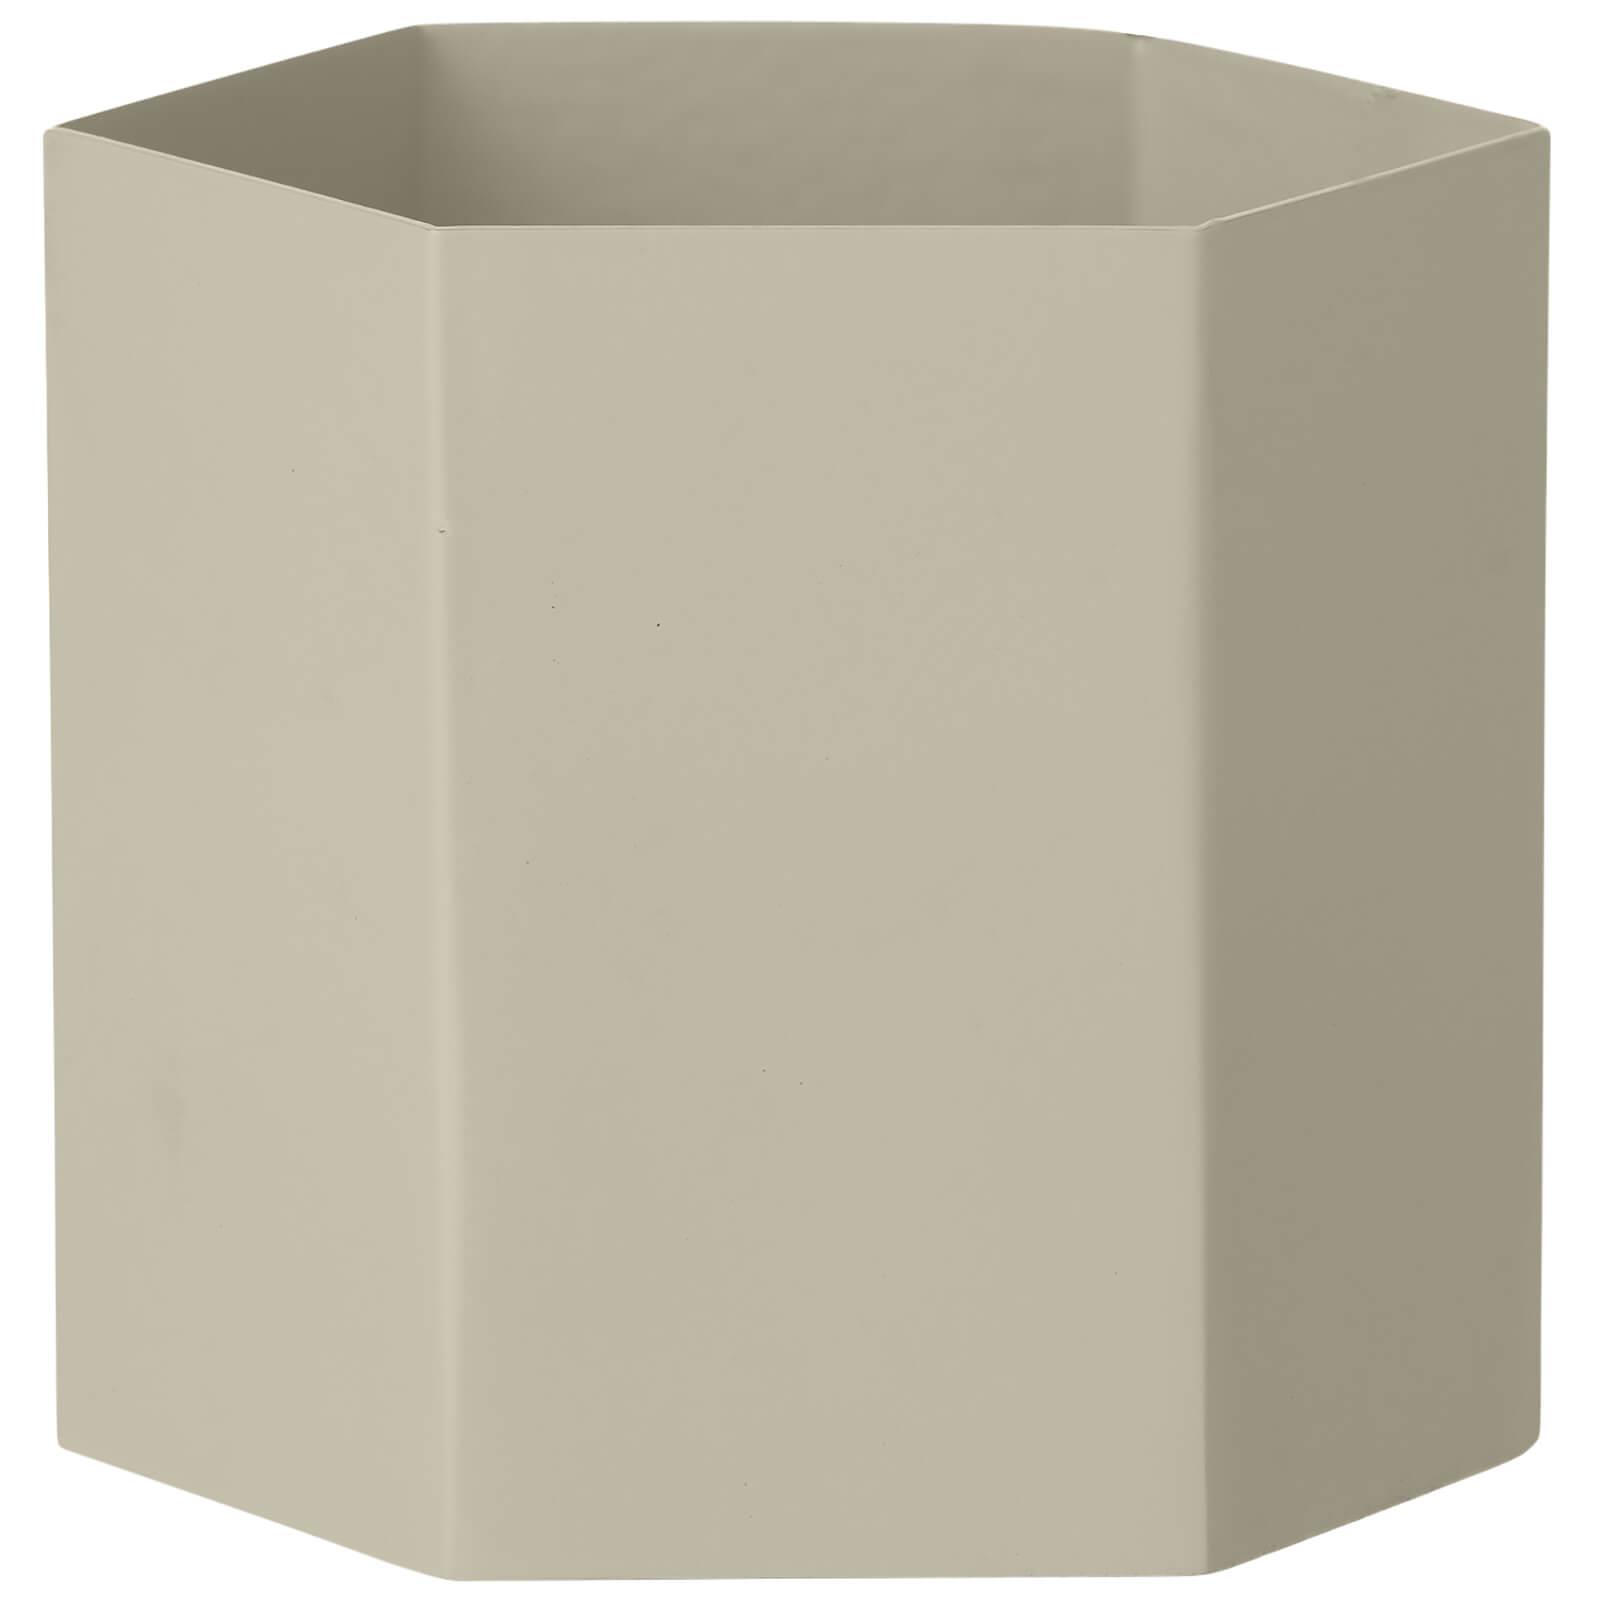 Ferm Living Hexagon Pot - Large - Light Grey